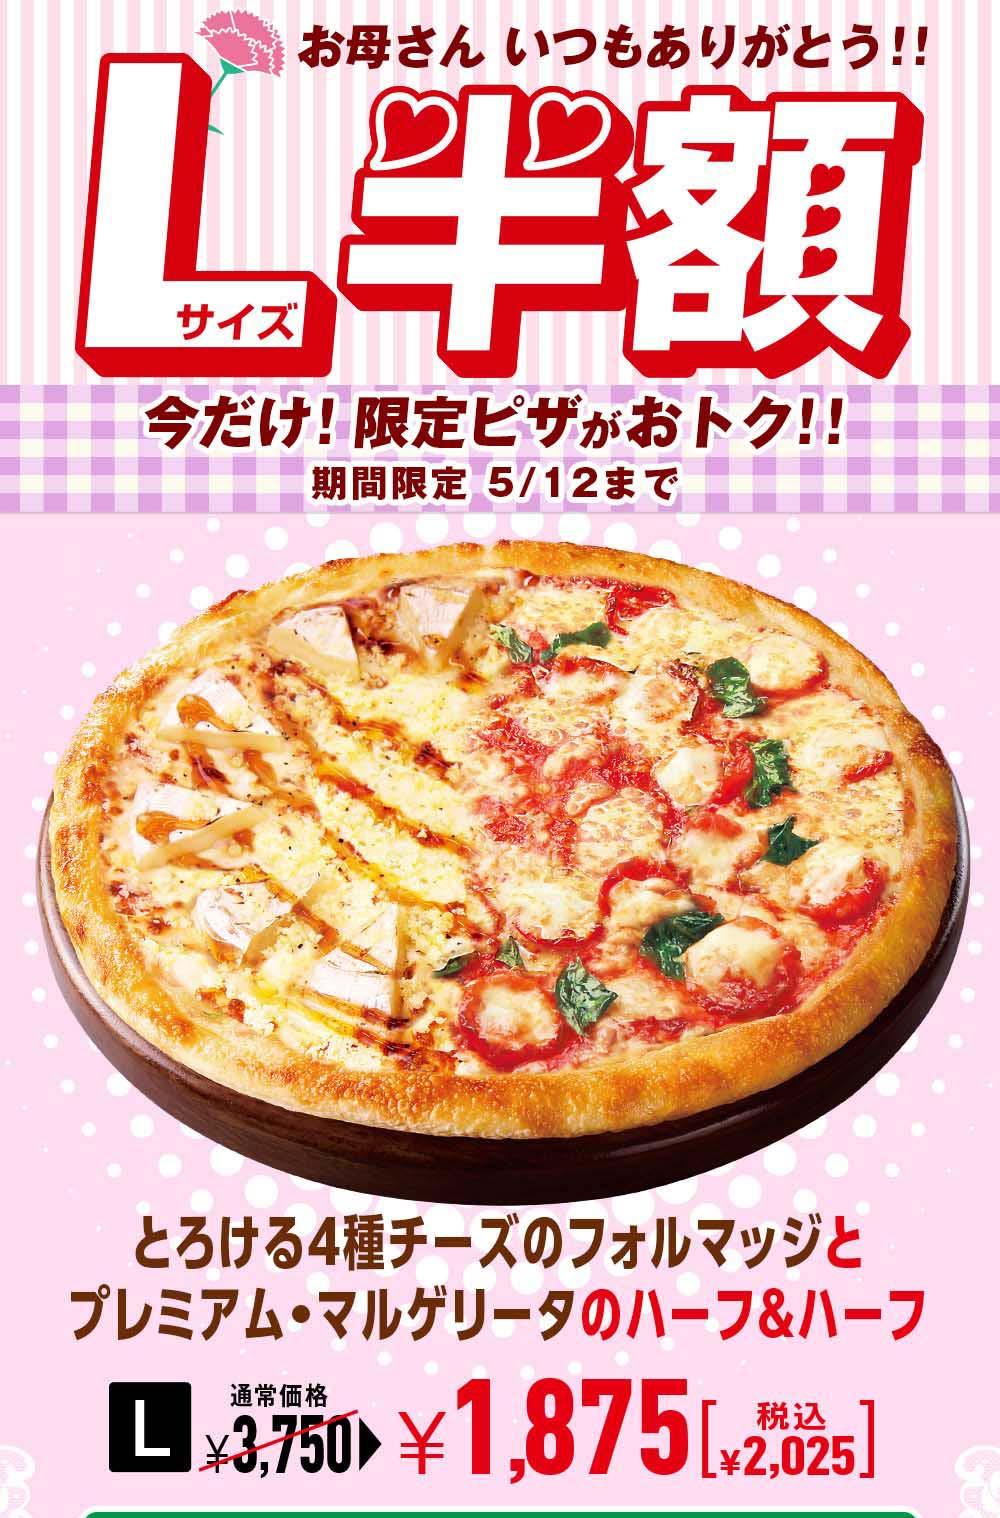 ピザハットで母の日で「とろける4種チーズのフォルマッジとプレミアム・マルゲリータのハーフ&ハーフ」Lサイズが半額セール。~5/12。